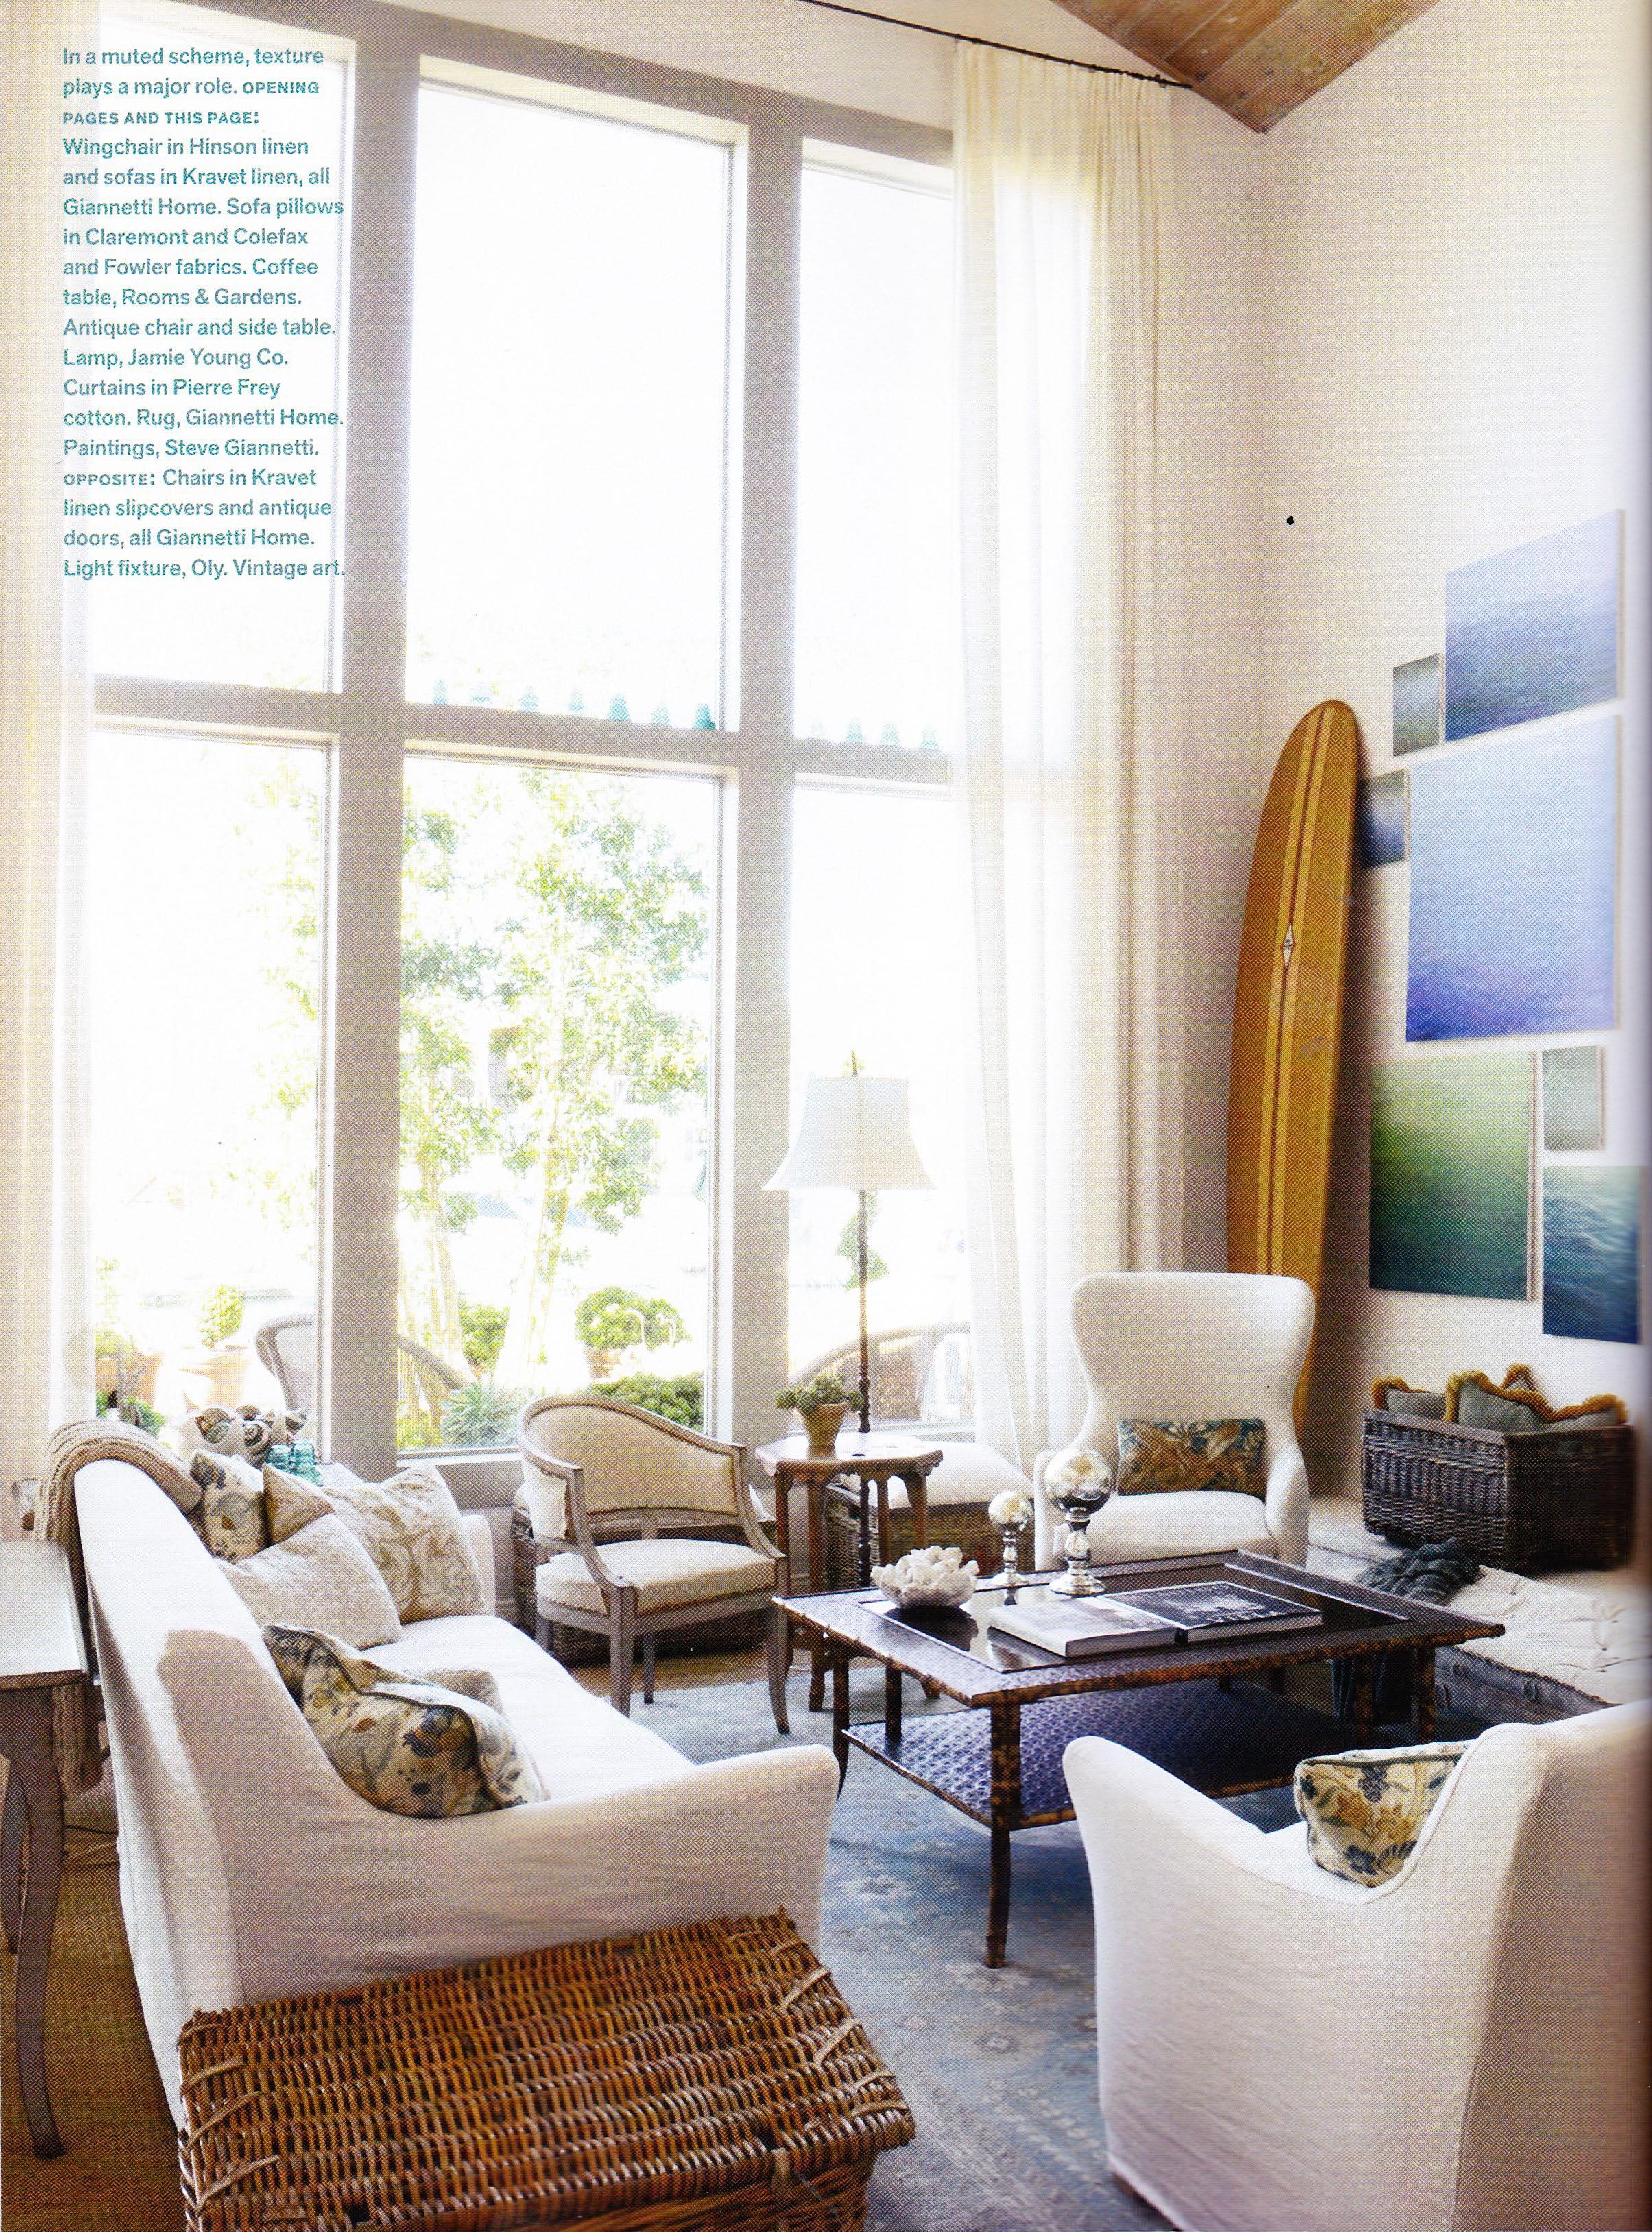 our weekend getaway featured in veranda! - Velvet & Linen